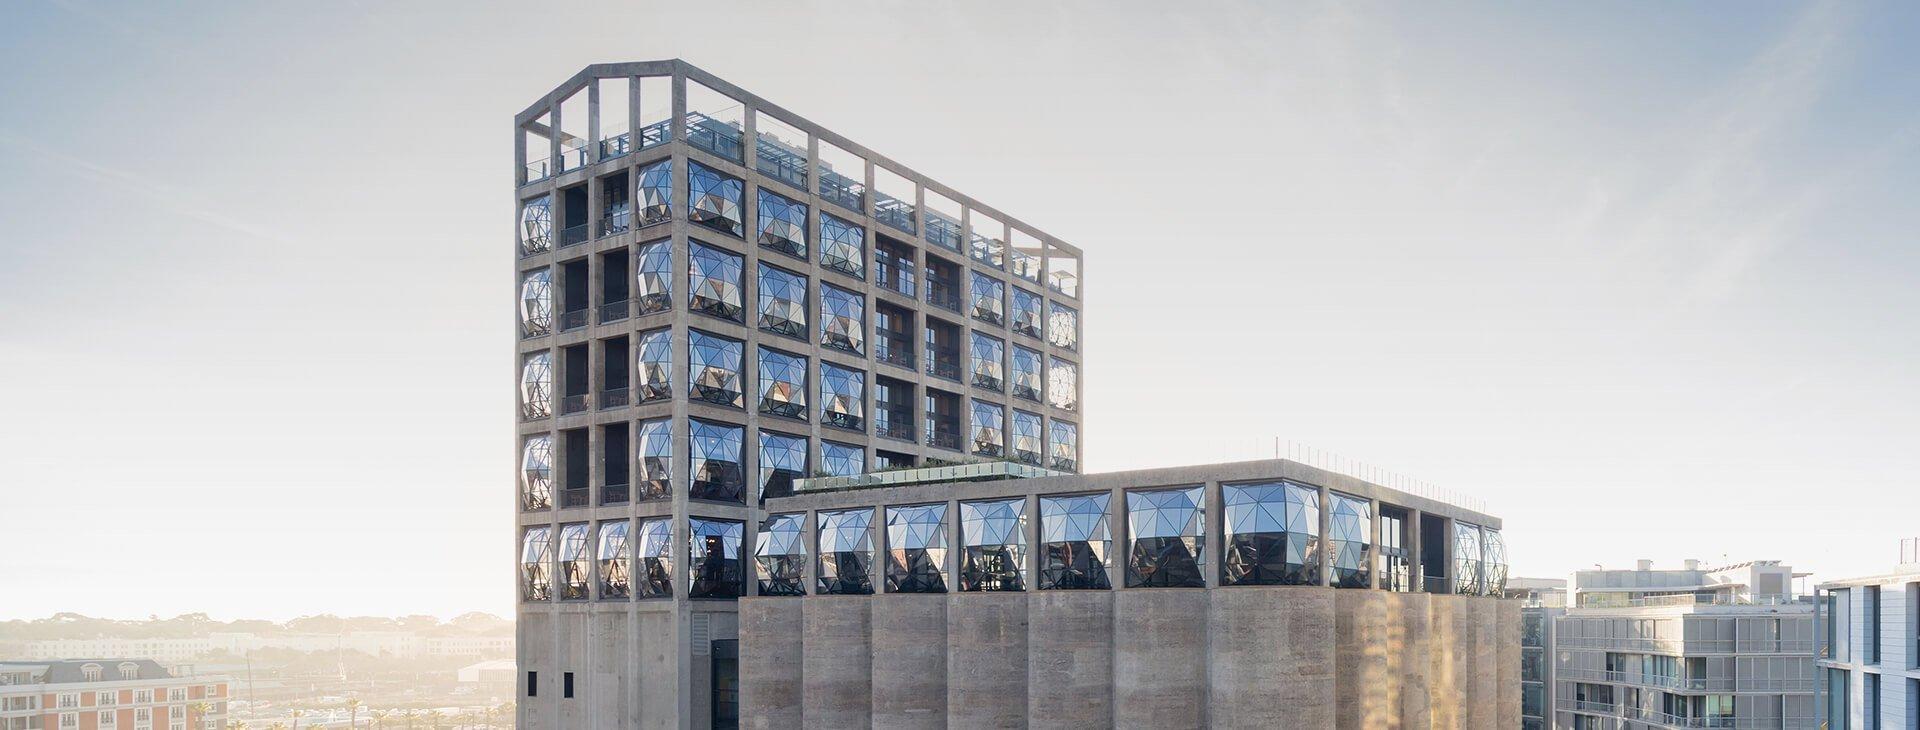 stilwerk_reclaimed_architecture_zeitz_stage_000